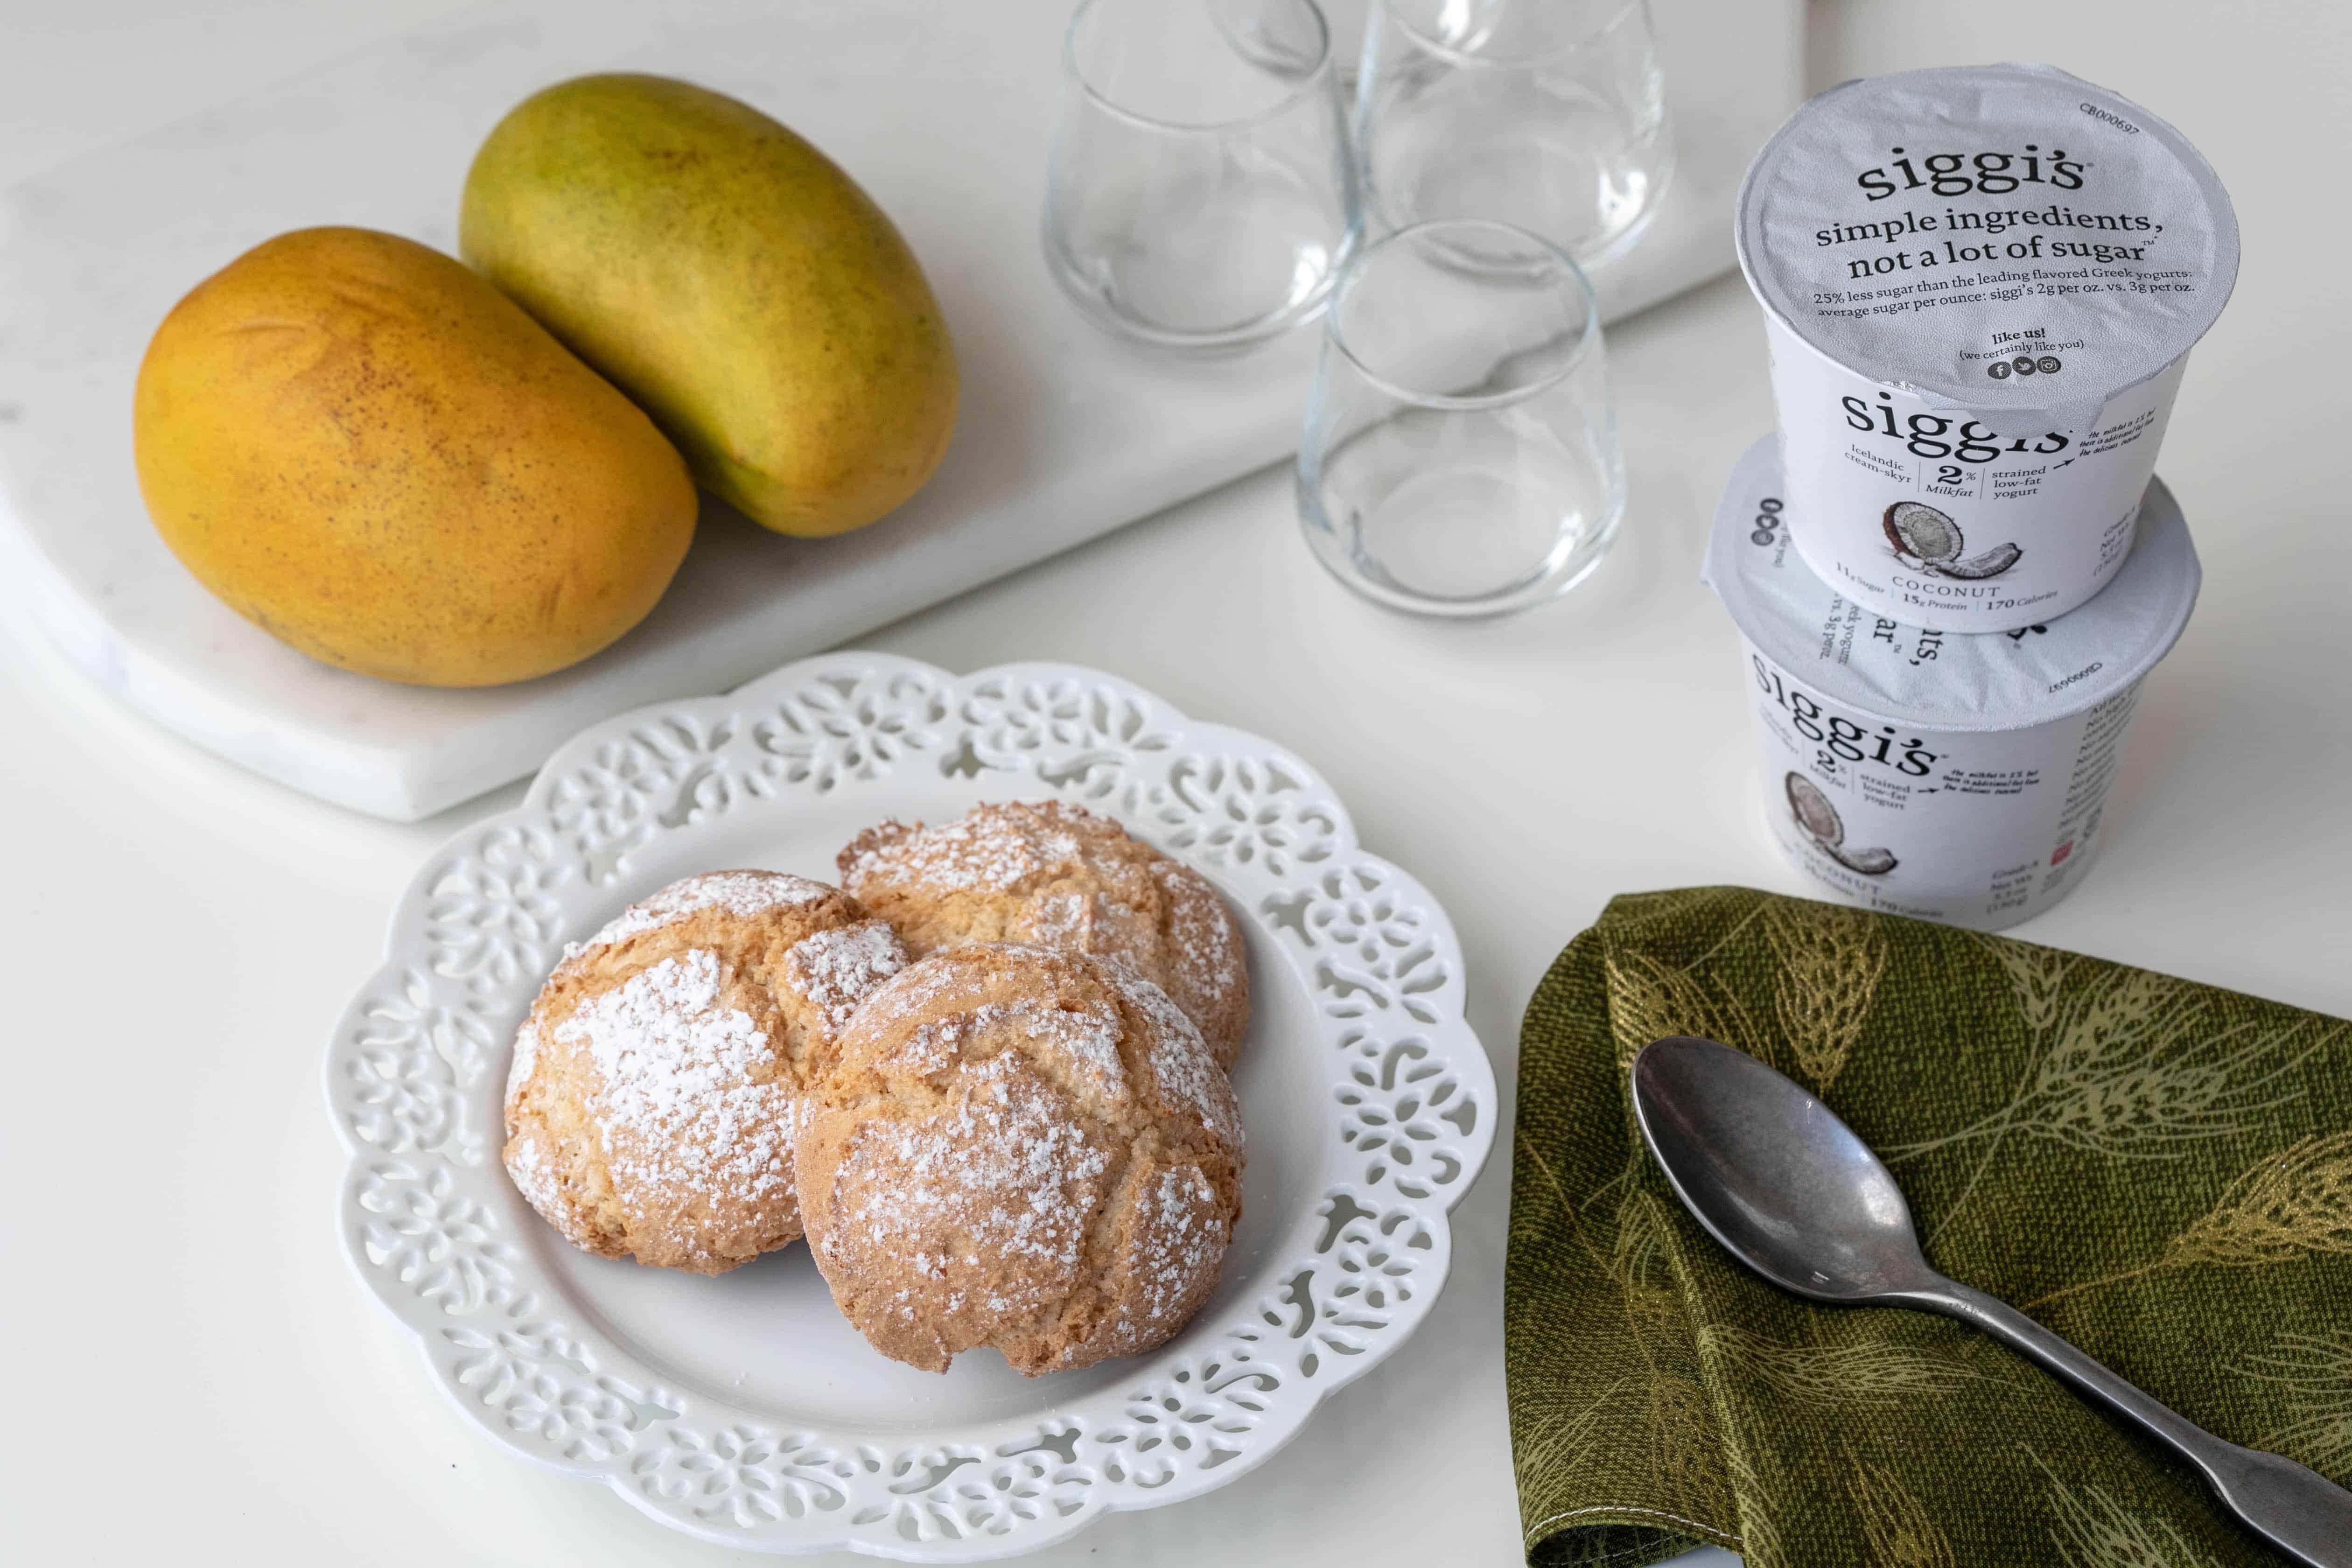 ingredients: ataulfo mangoes, coconut yogurt, amaretti cookies, and mini shot glasses